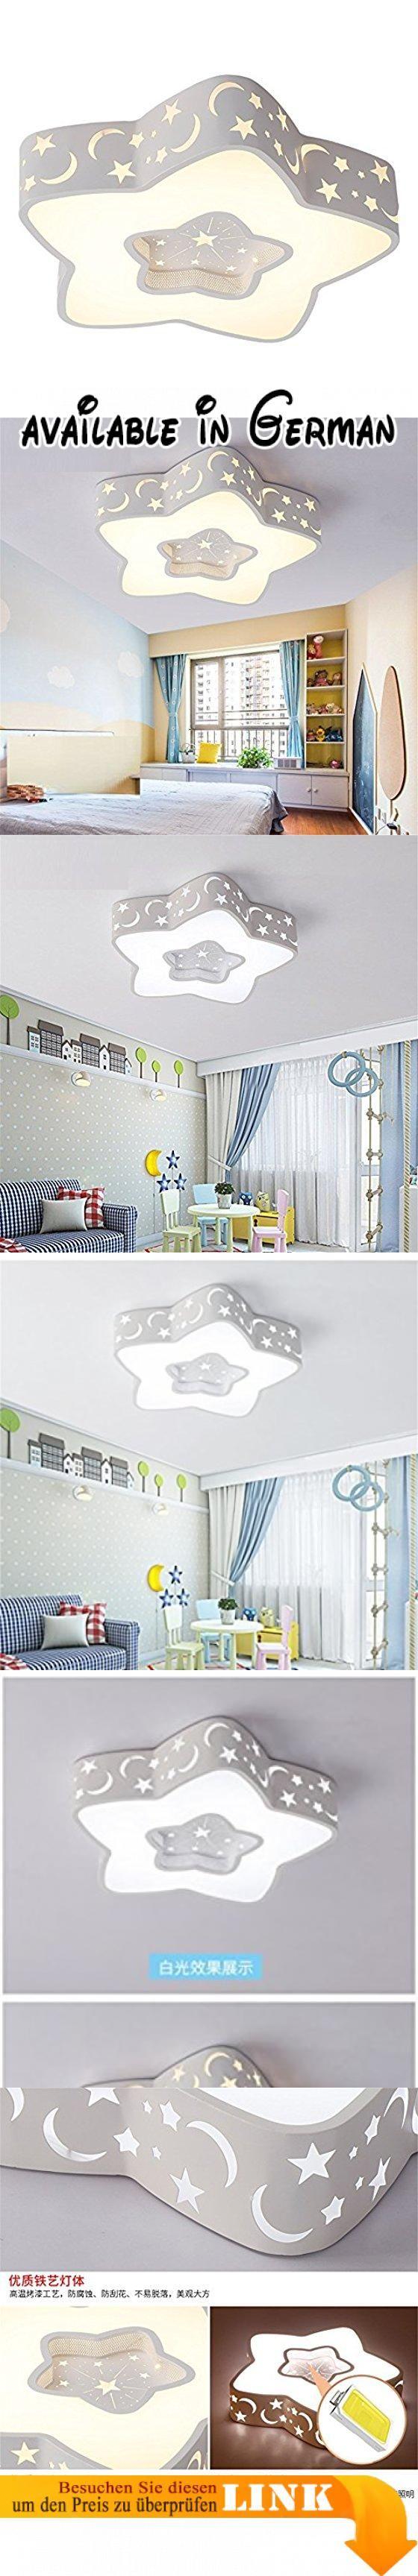 die besten 25 led deckenleuchte farbwechsel ideen auf. Black Bedroom Furniture Sets. Home Design Ideas